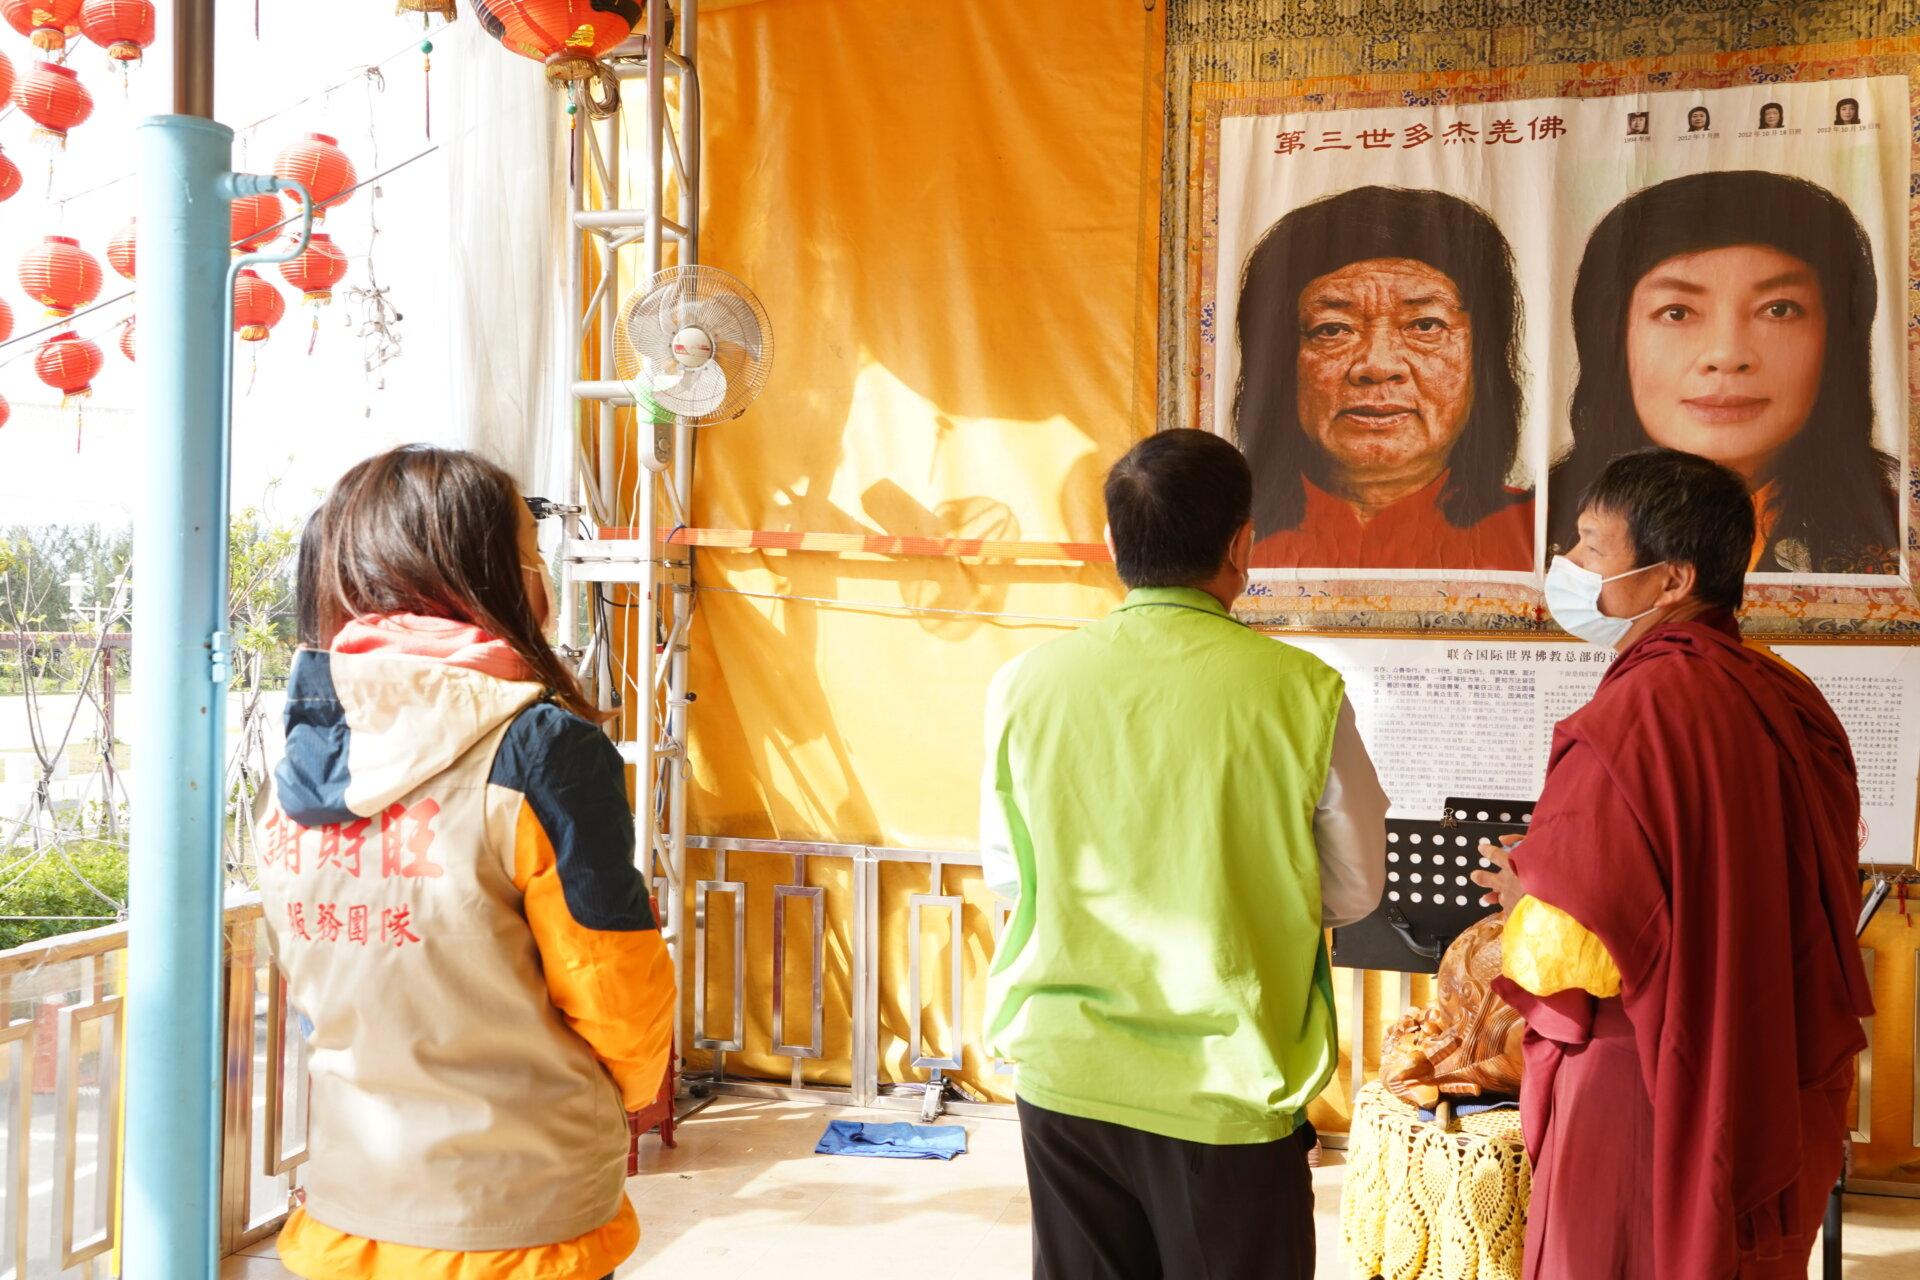 行動佛殿118站台南七股,向信眾介紹南無第三世多杰羌佛返老回春聖蹟